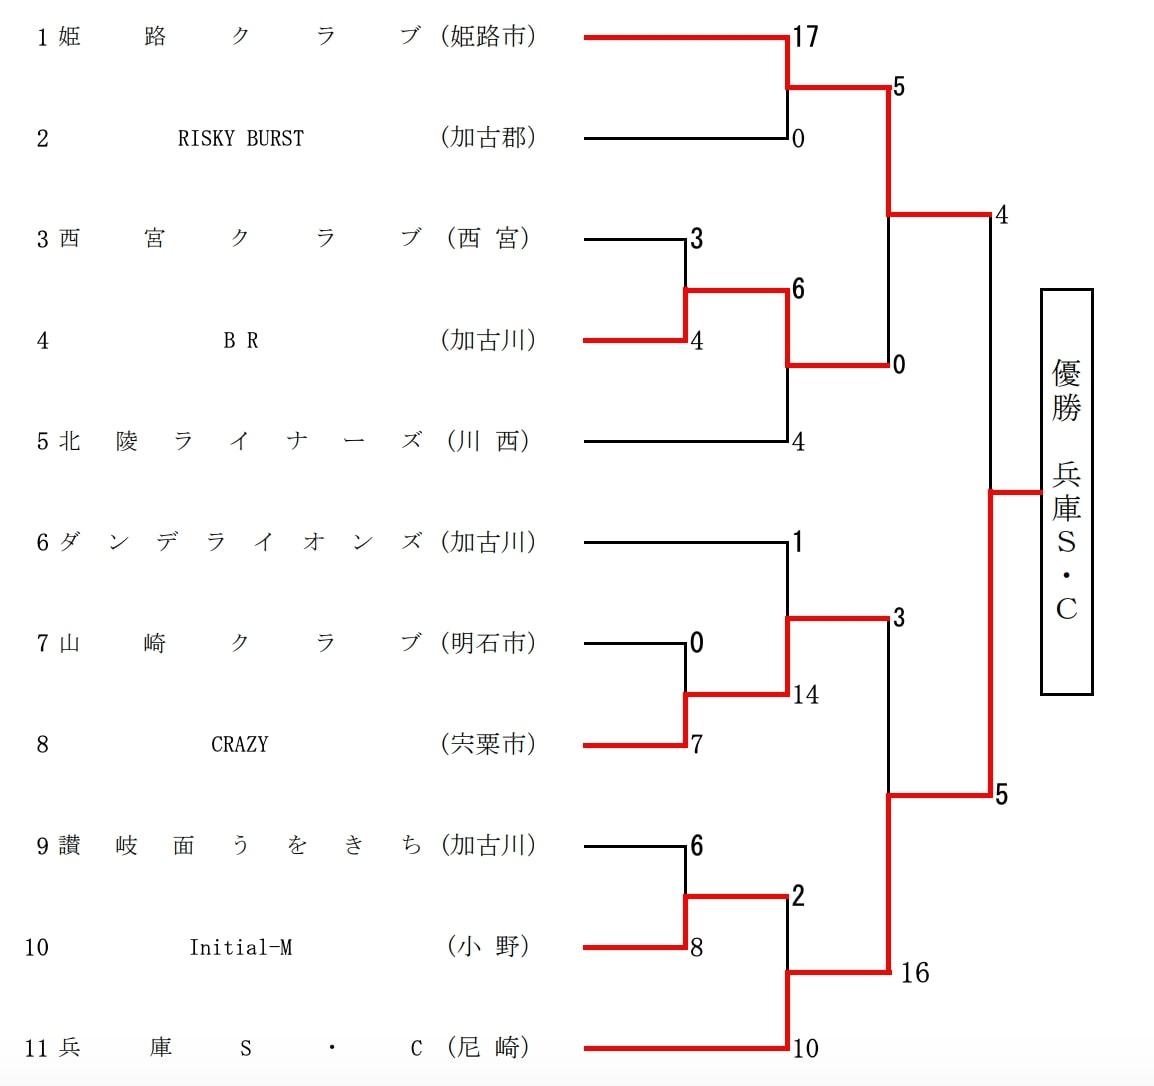 【兵庫県ソフトボール】第41回全日本クラブ男子ソフトボール選手権兵庫県大会 結果